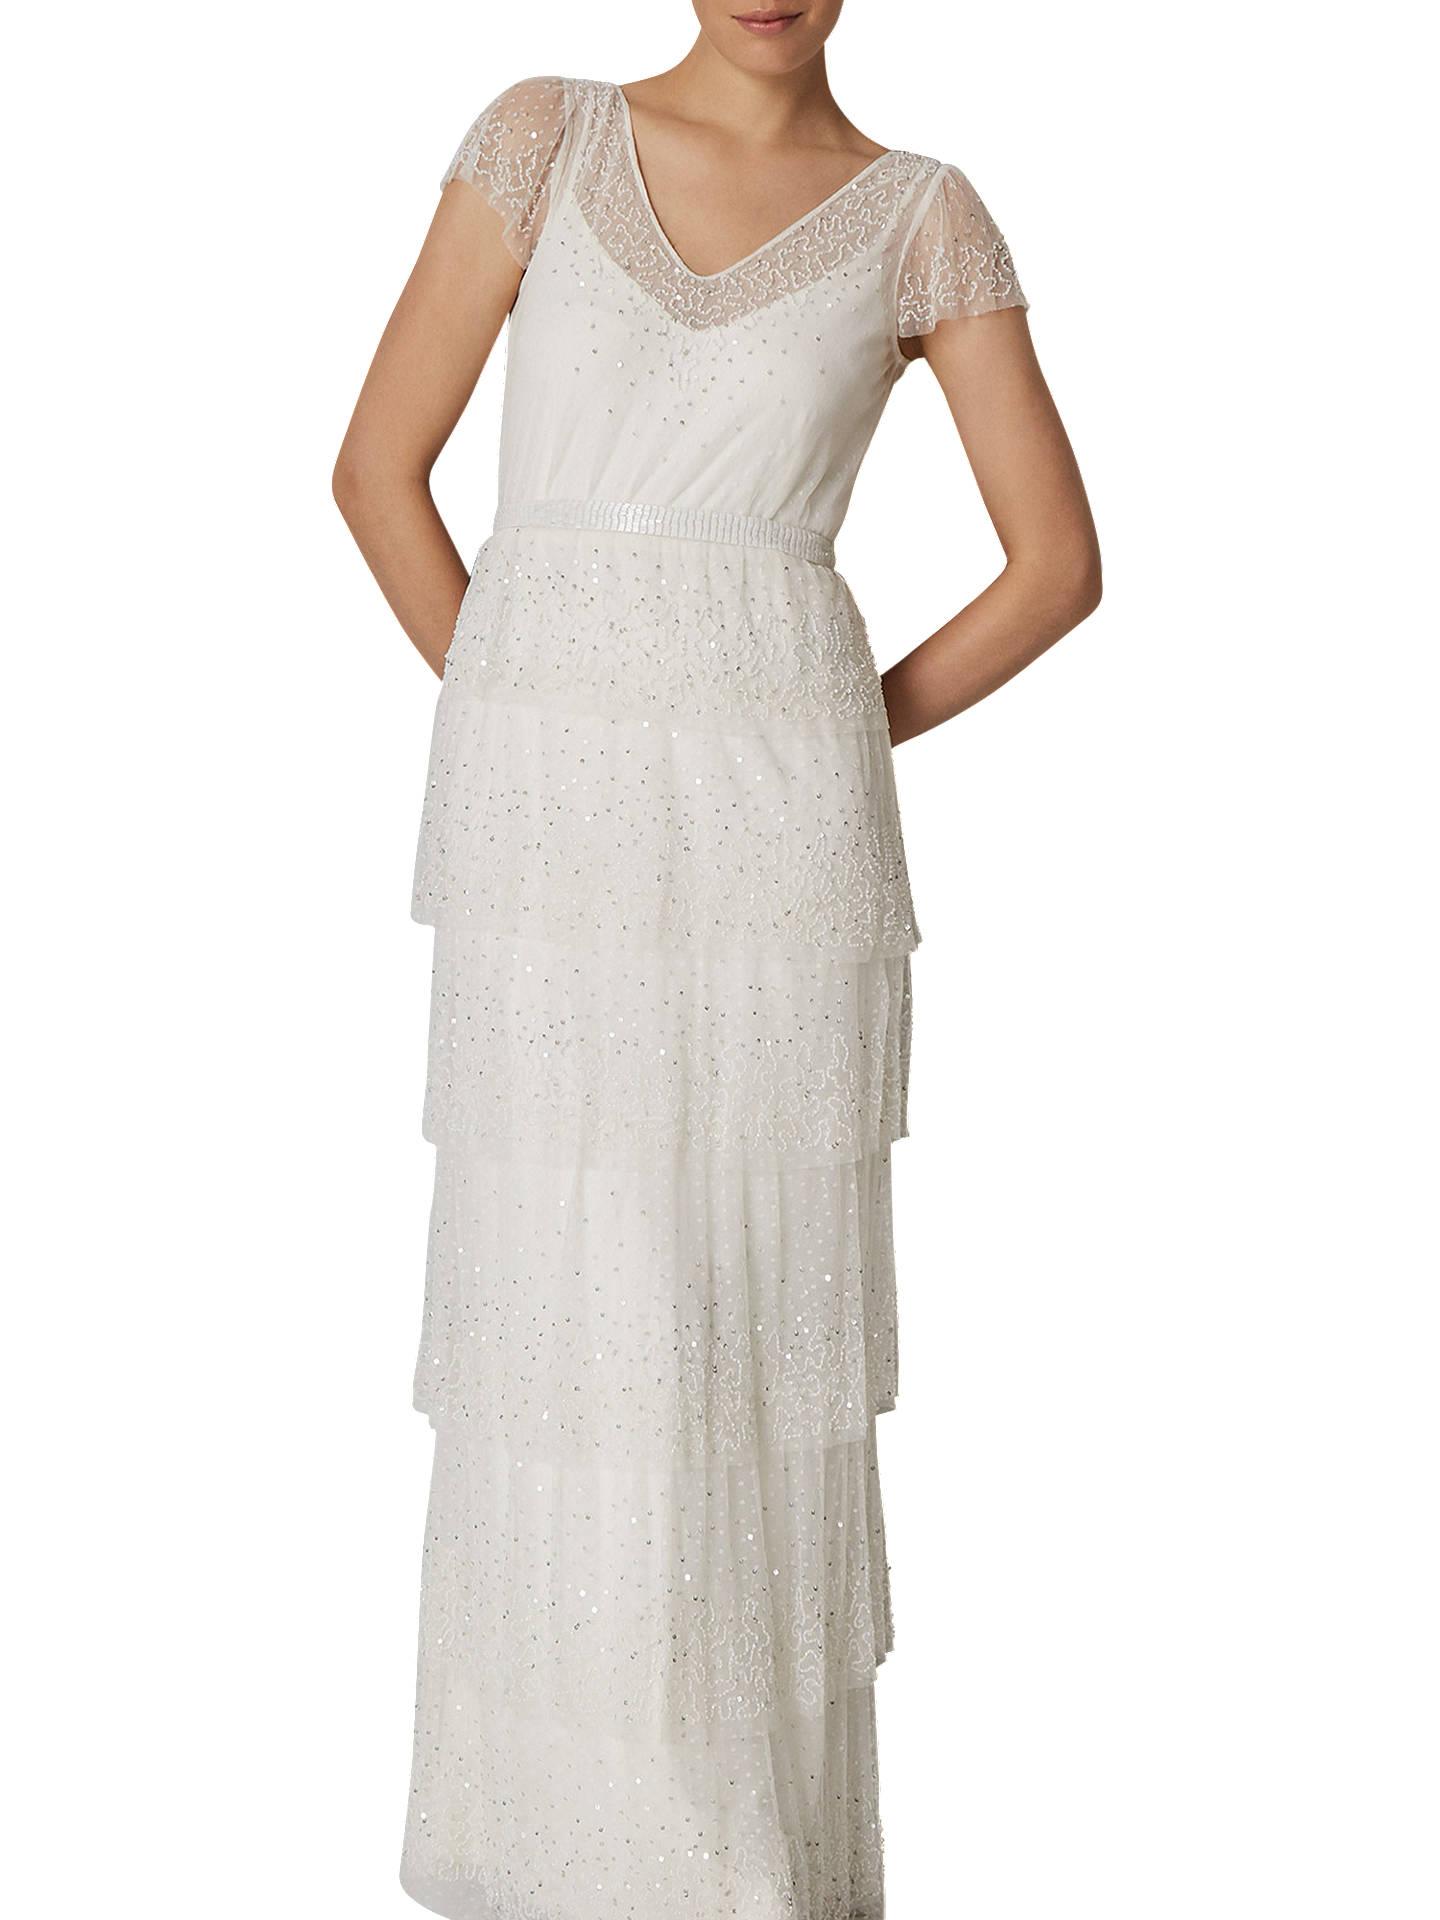 Phase Eight Bridal Nyelle Layered Wedding Dress Cream Ivory 8 Online At Johnlewis